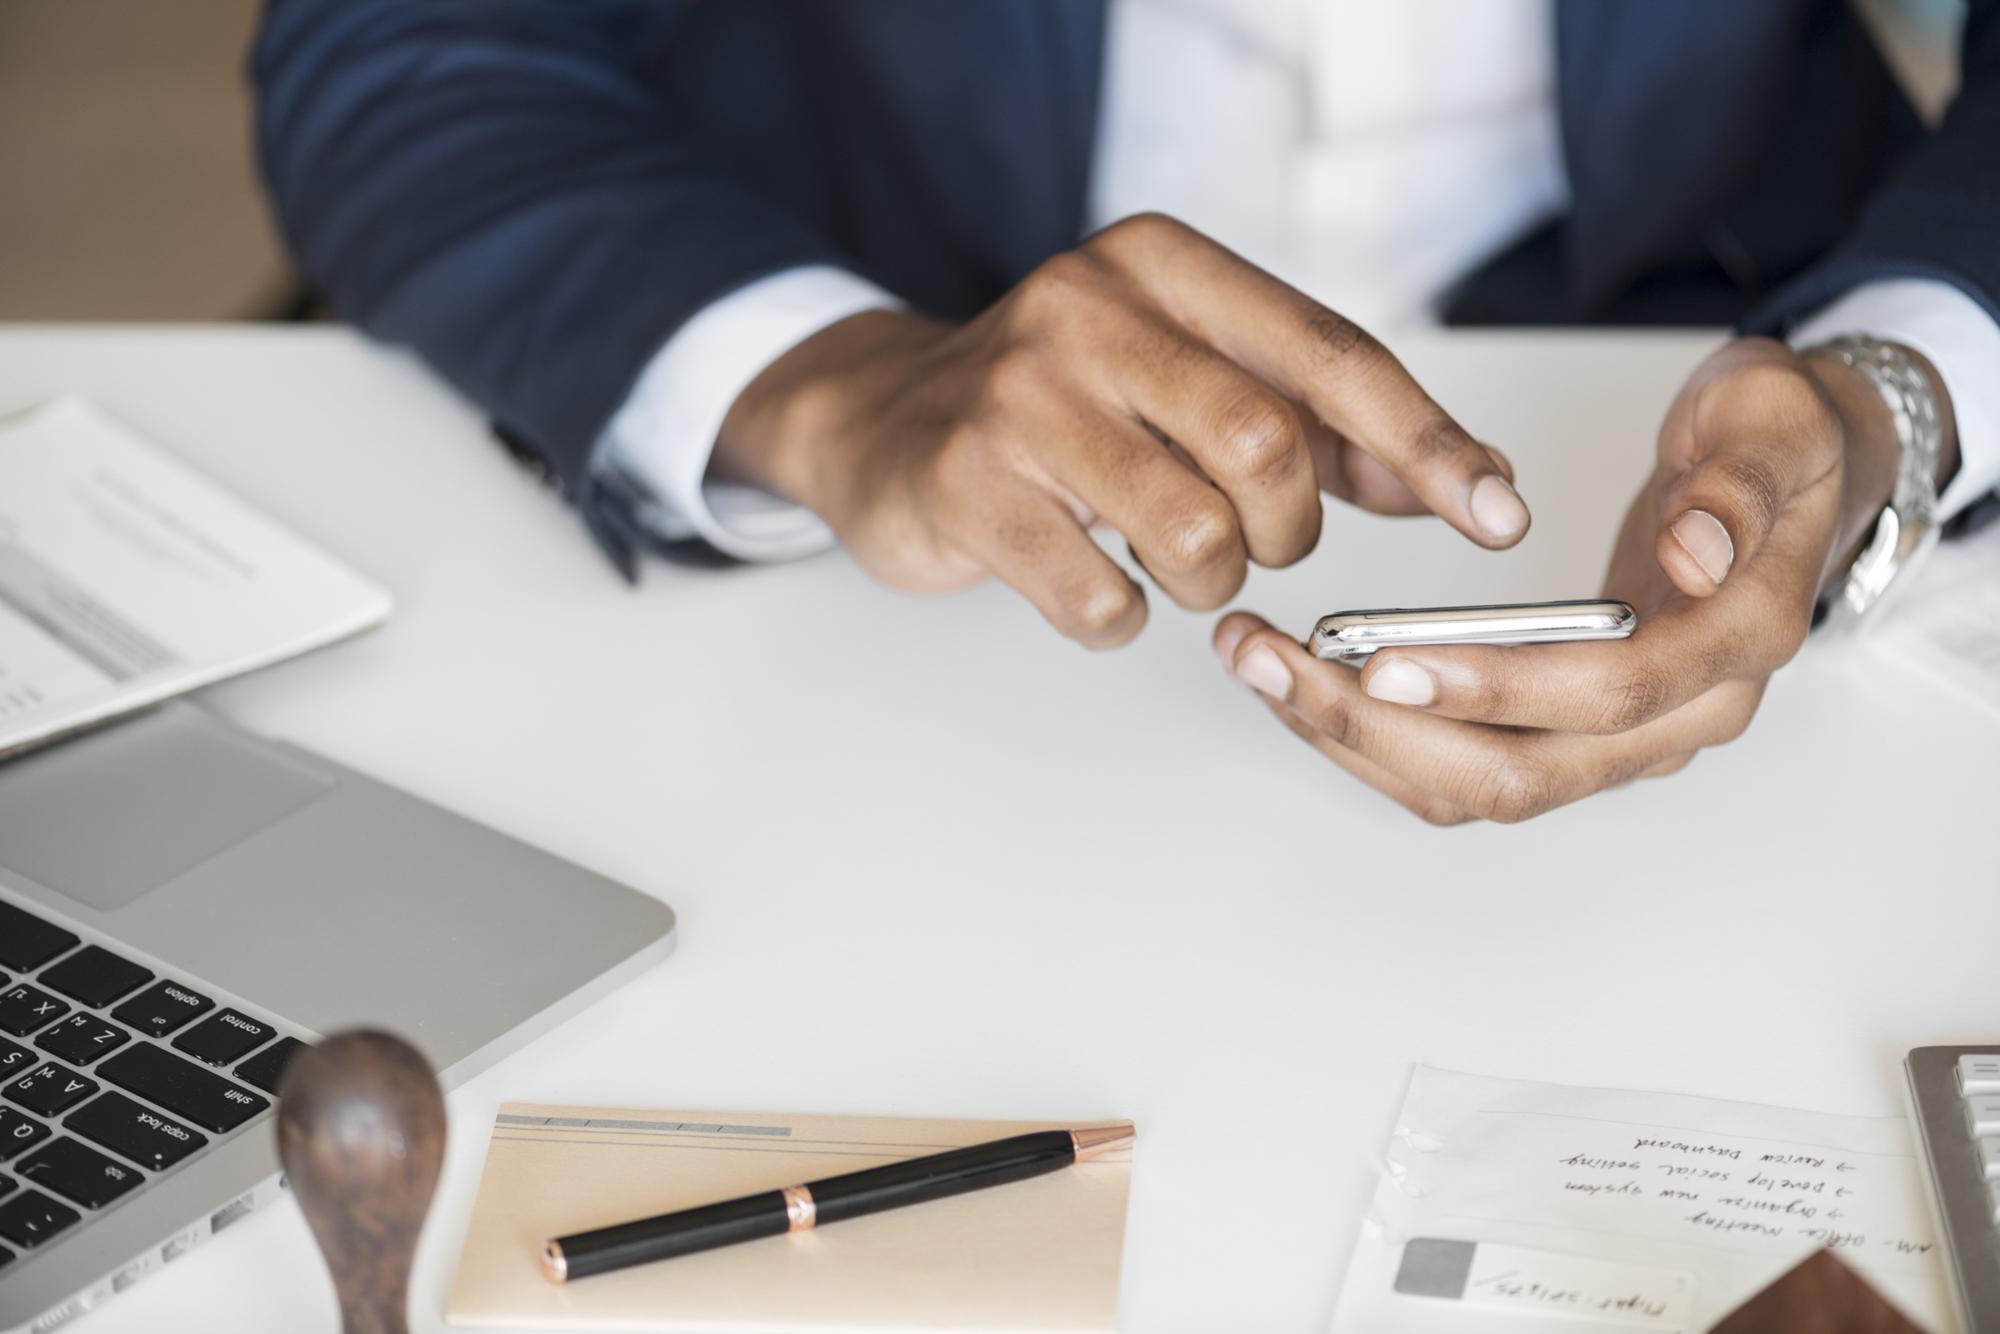 businessman-product-design-finger-communication-collaboration-Cayman Enterprise City